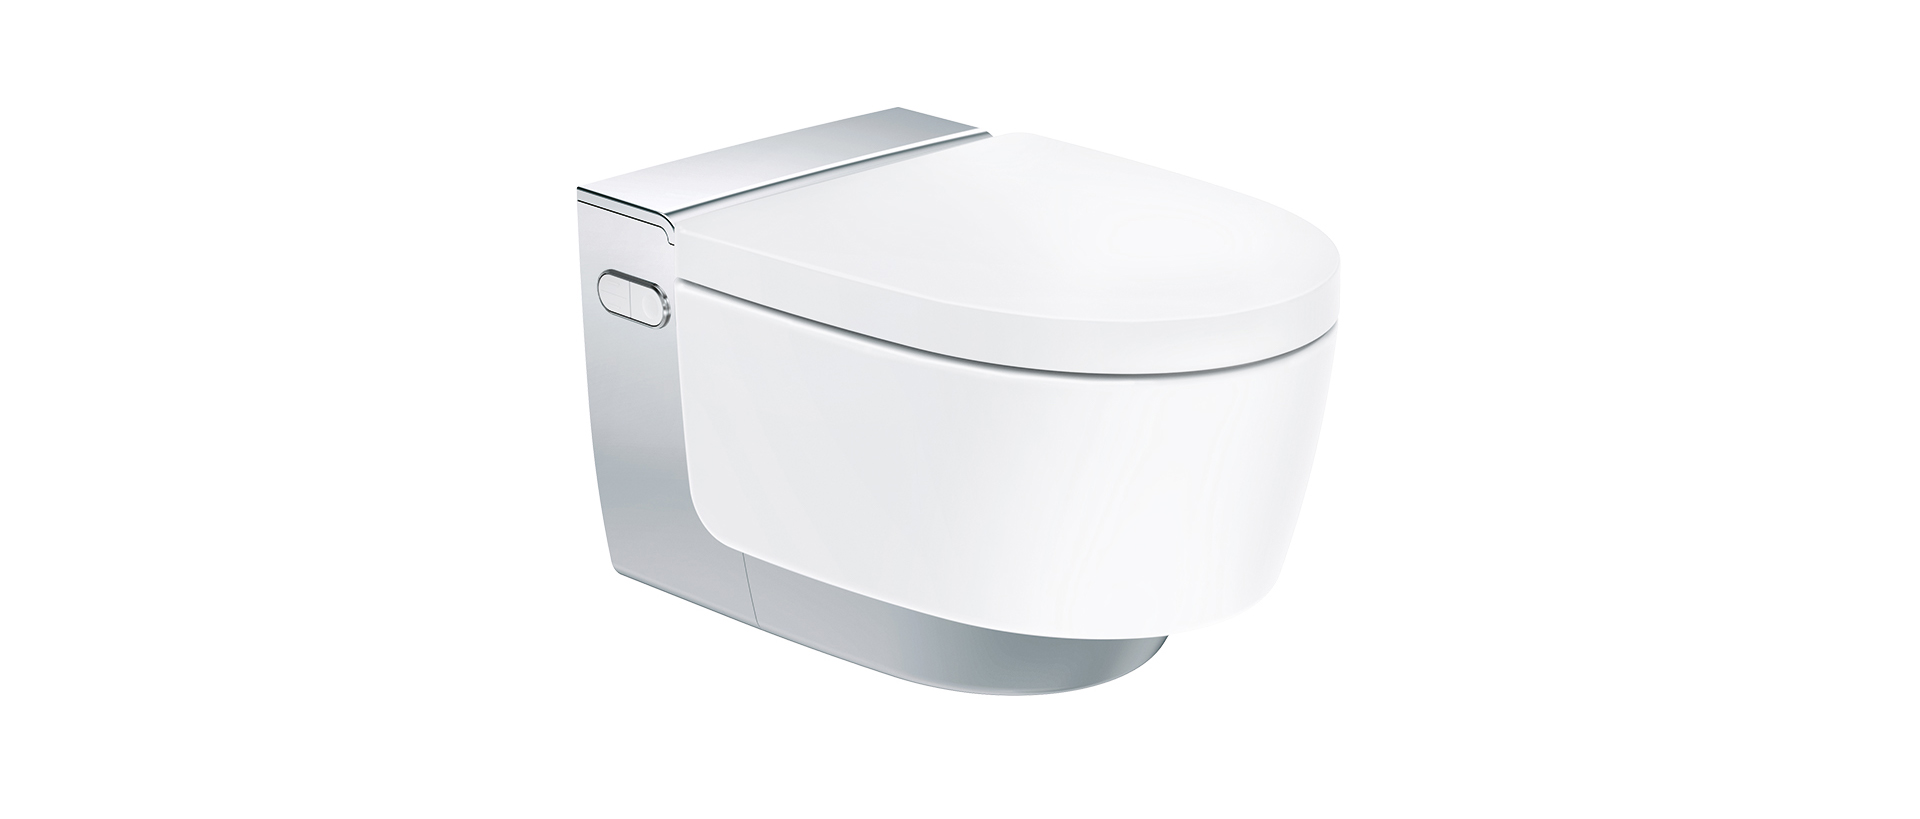 squarerooms-geberit-shower-toilet-sleek-white-floating